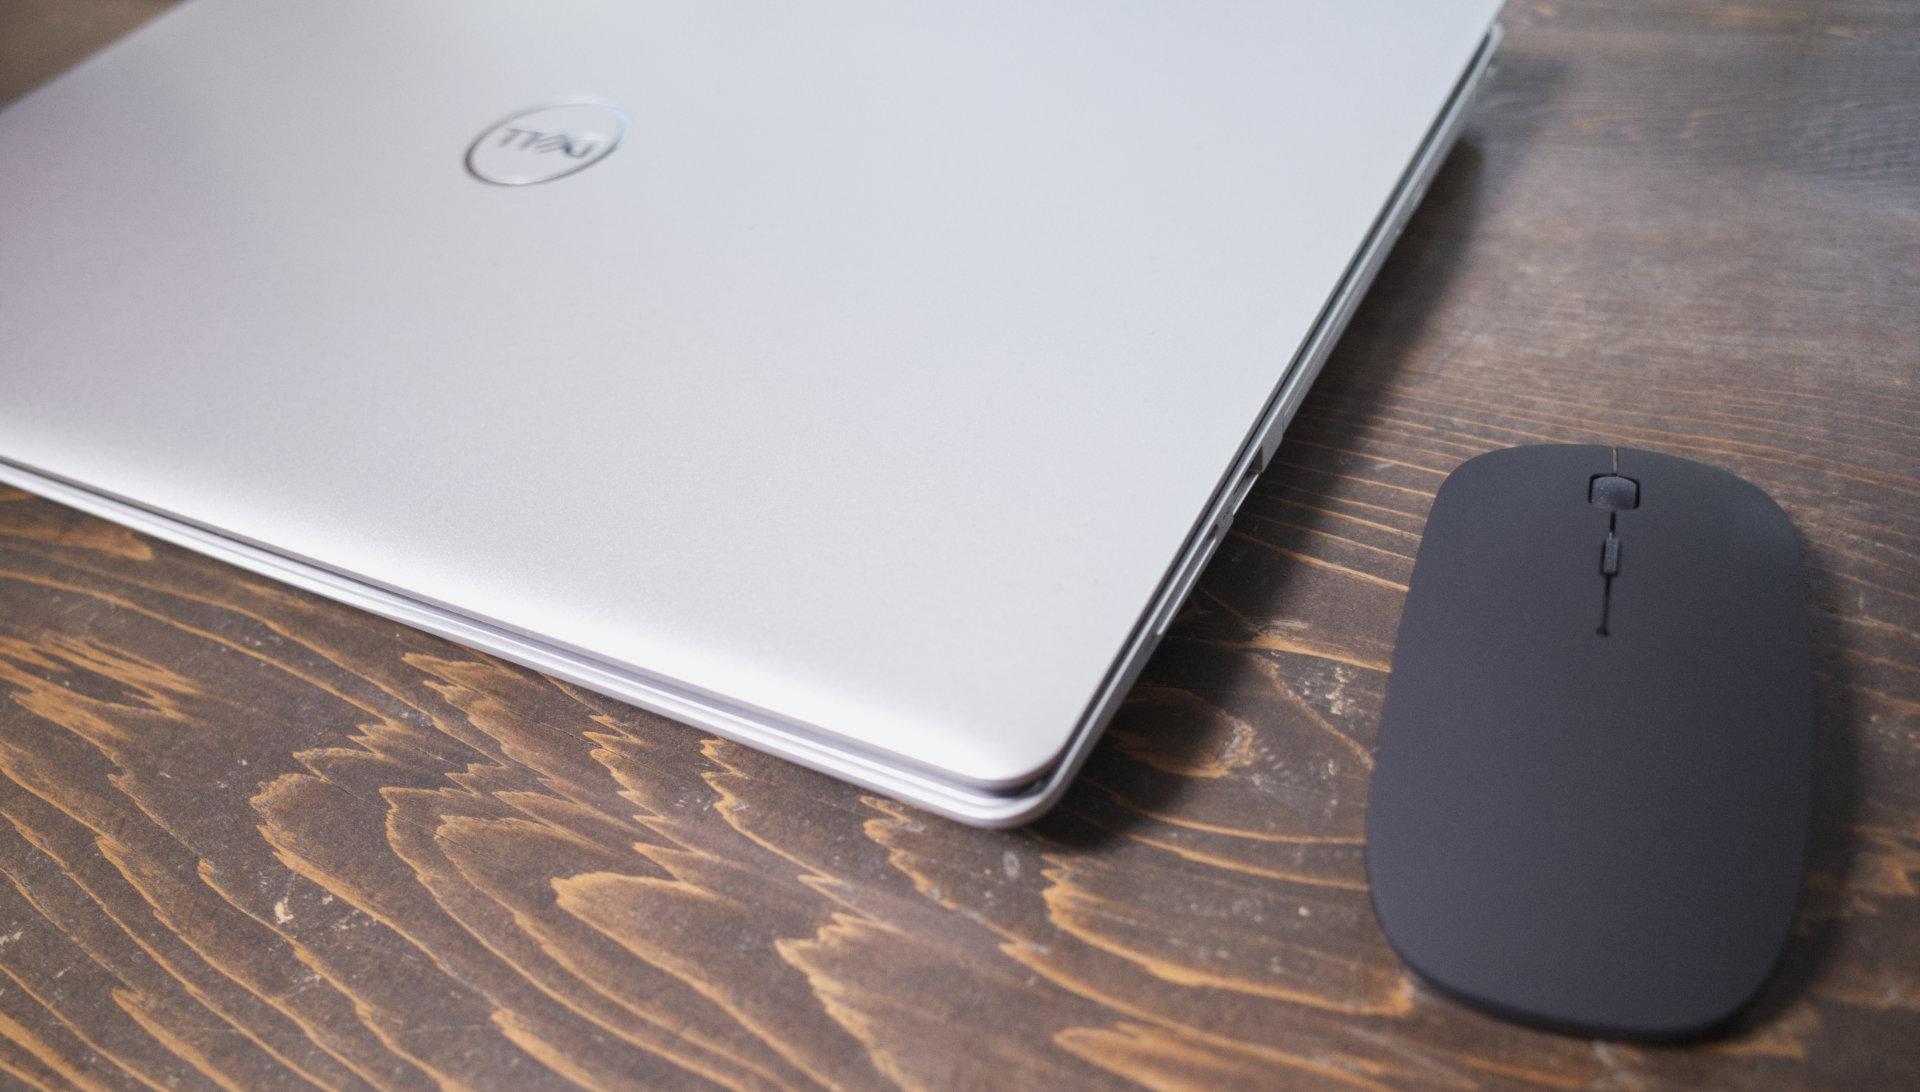 DELL PC とBluetooth ワイヤレスマウス「Scheki 」